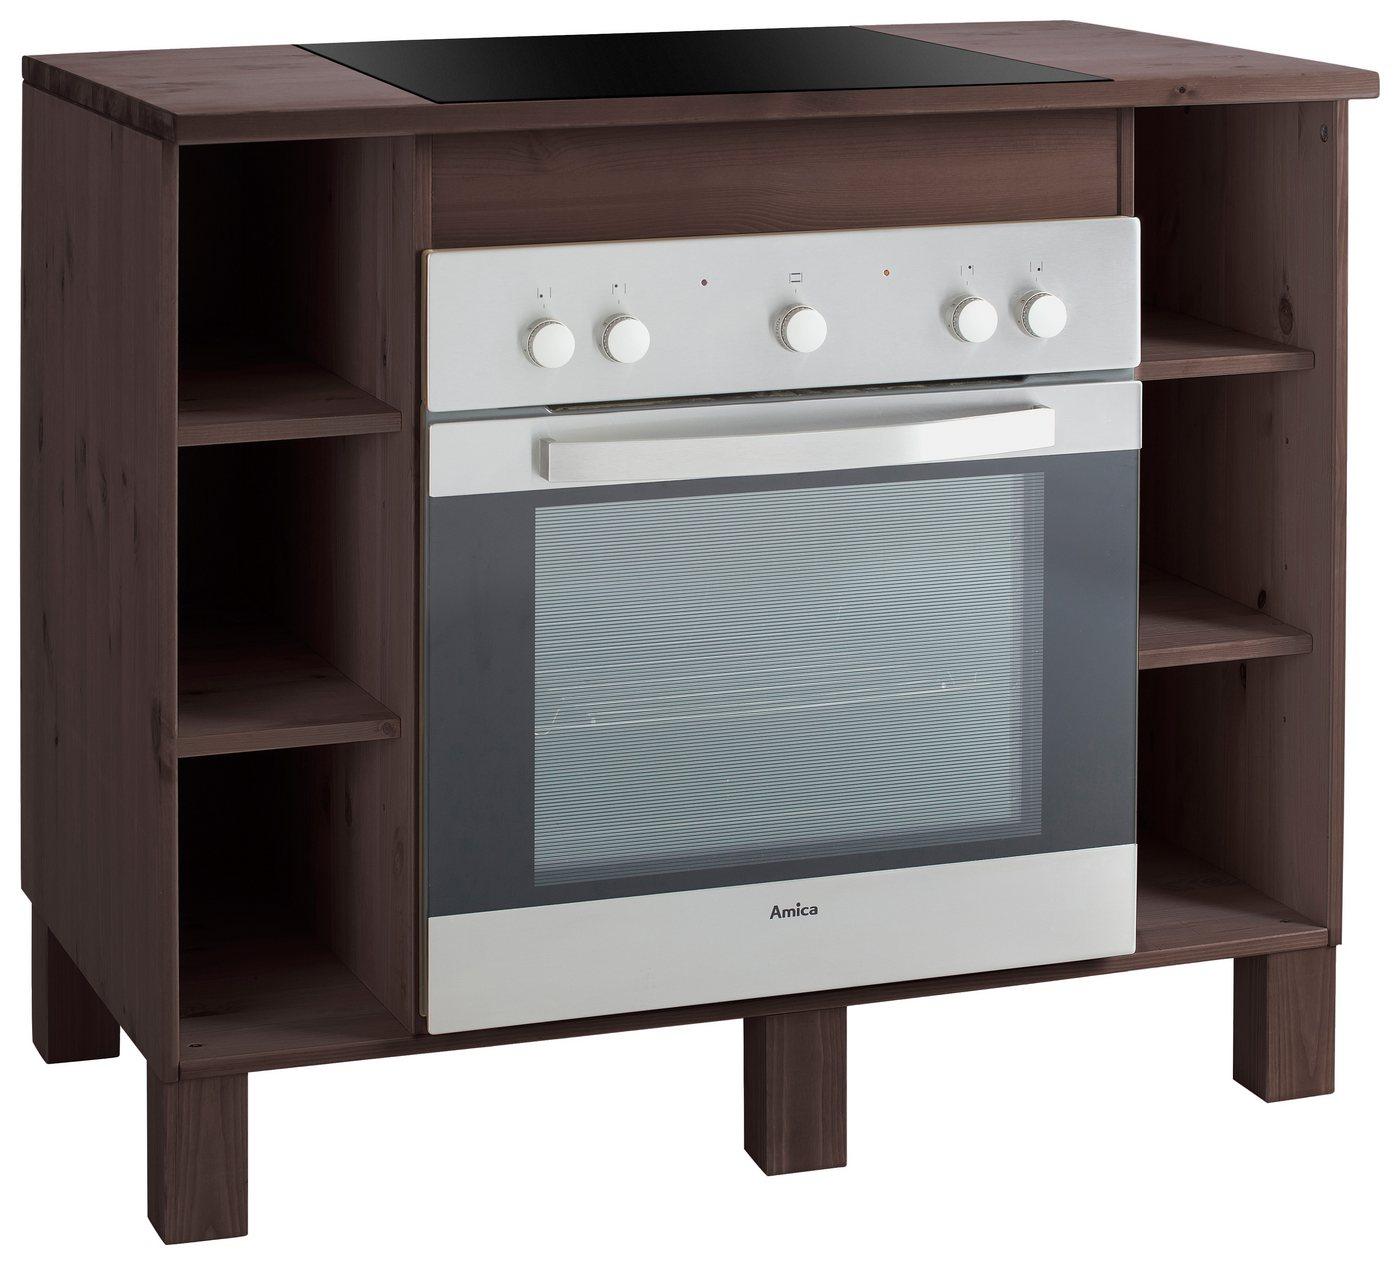 herd farbe braun machen sie den preisvergleich bei nextag. Black Bedroom Furniture Sets. Home Design Ideas